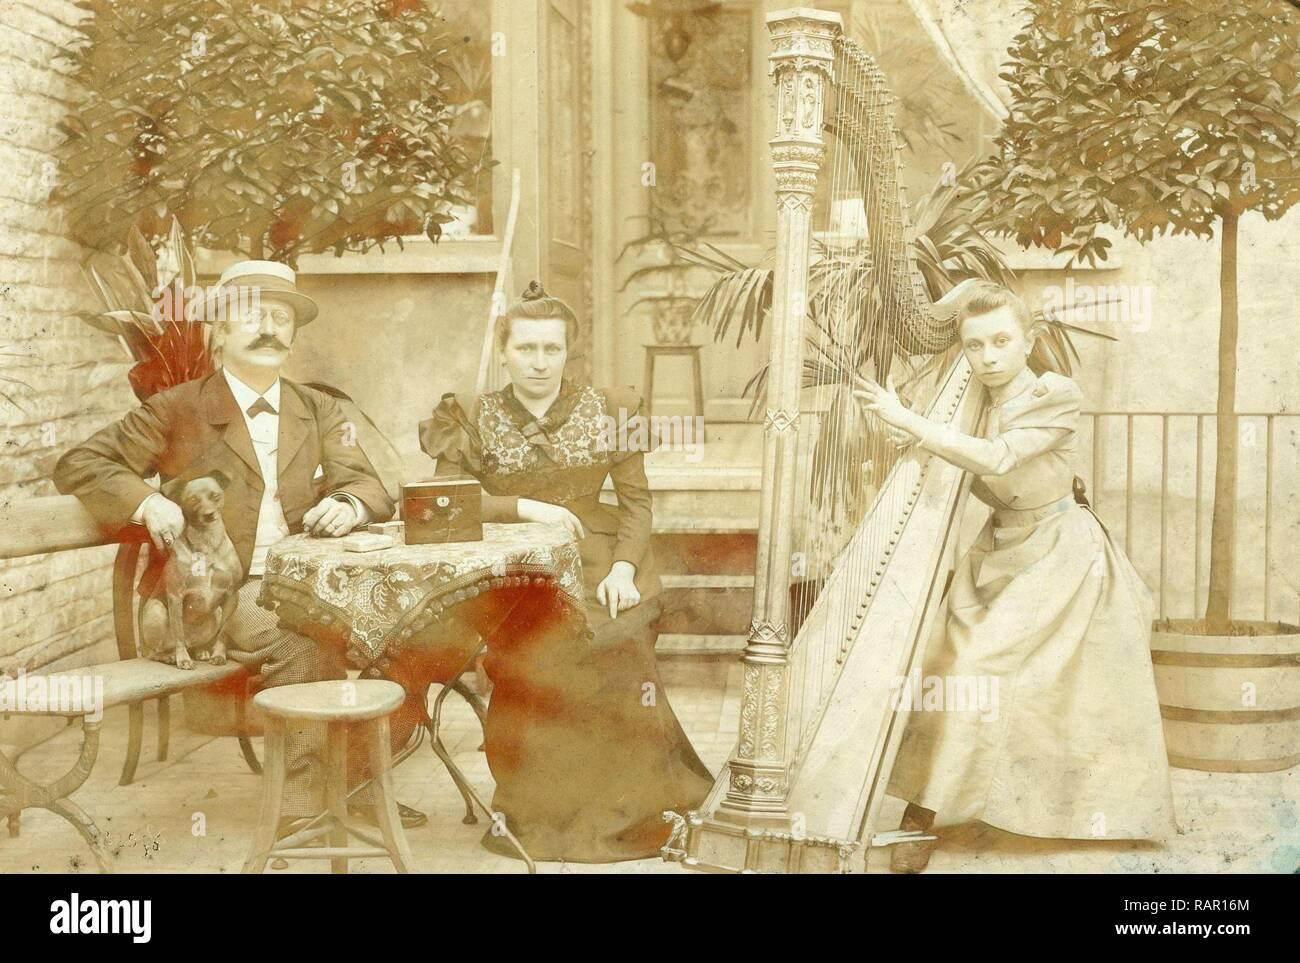 ce2bcd3de Retrato de un perro sentado hombre mujer sentada tocando el arpa y niña en  una terraza